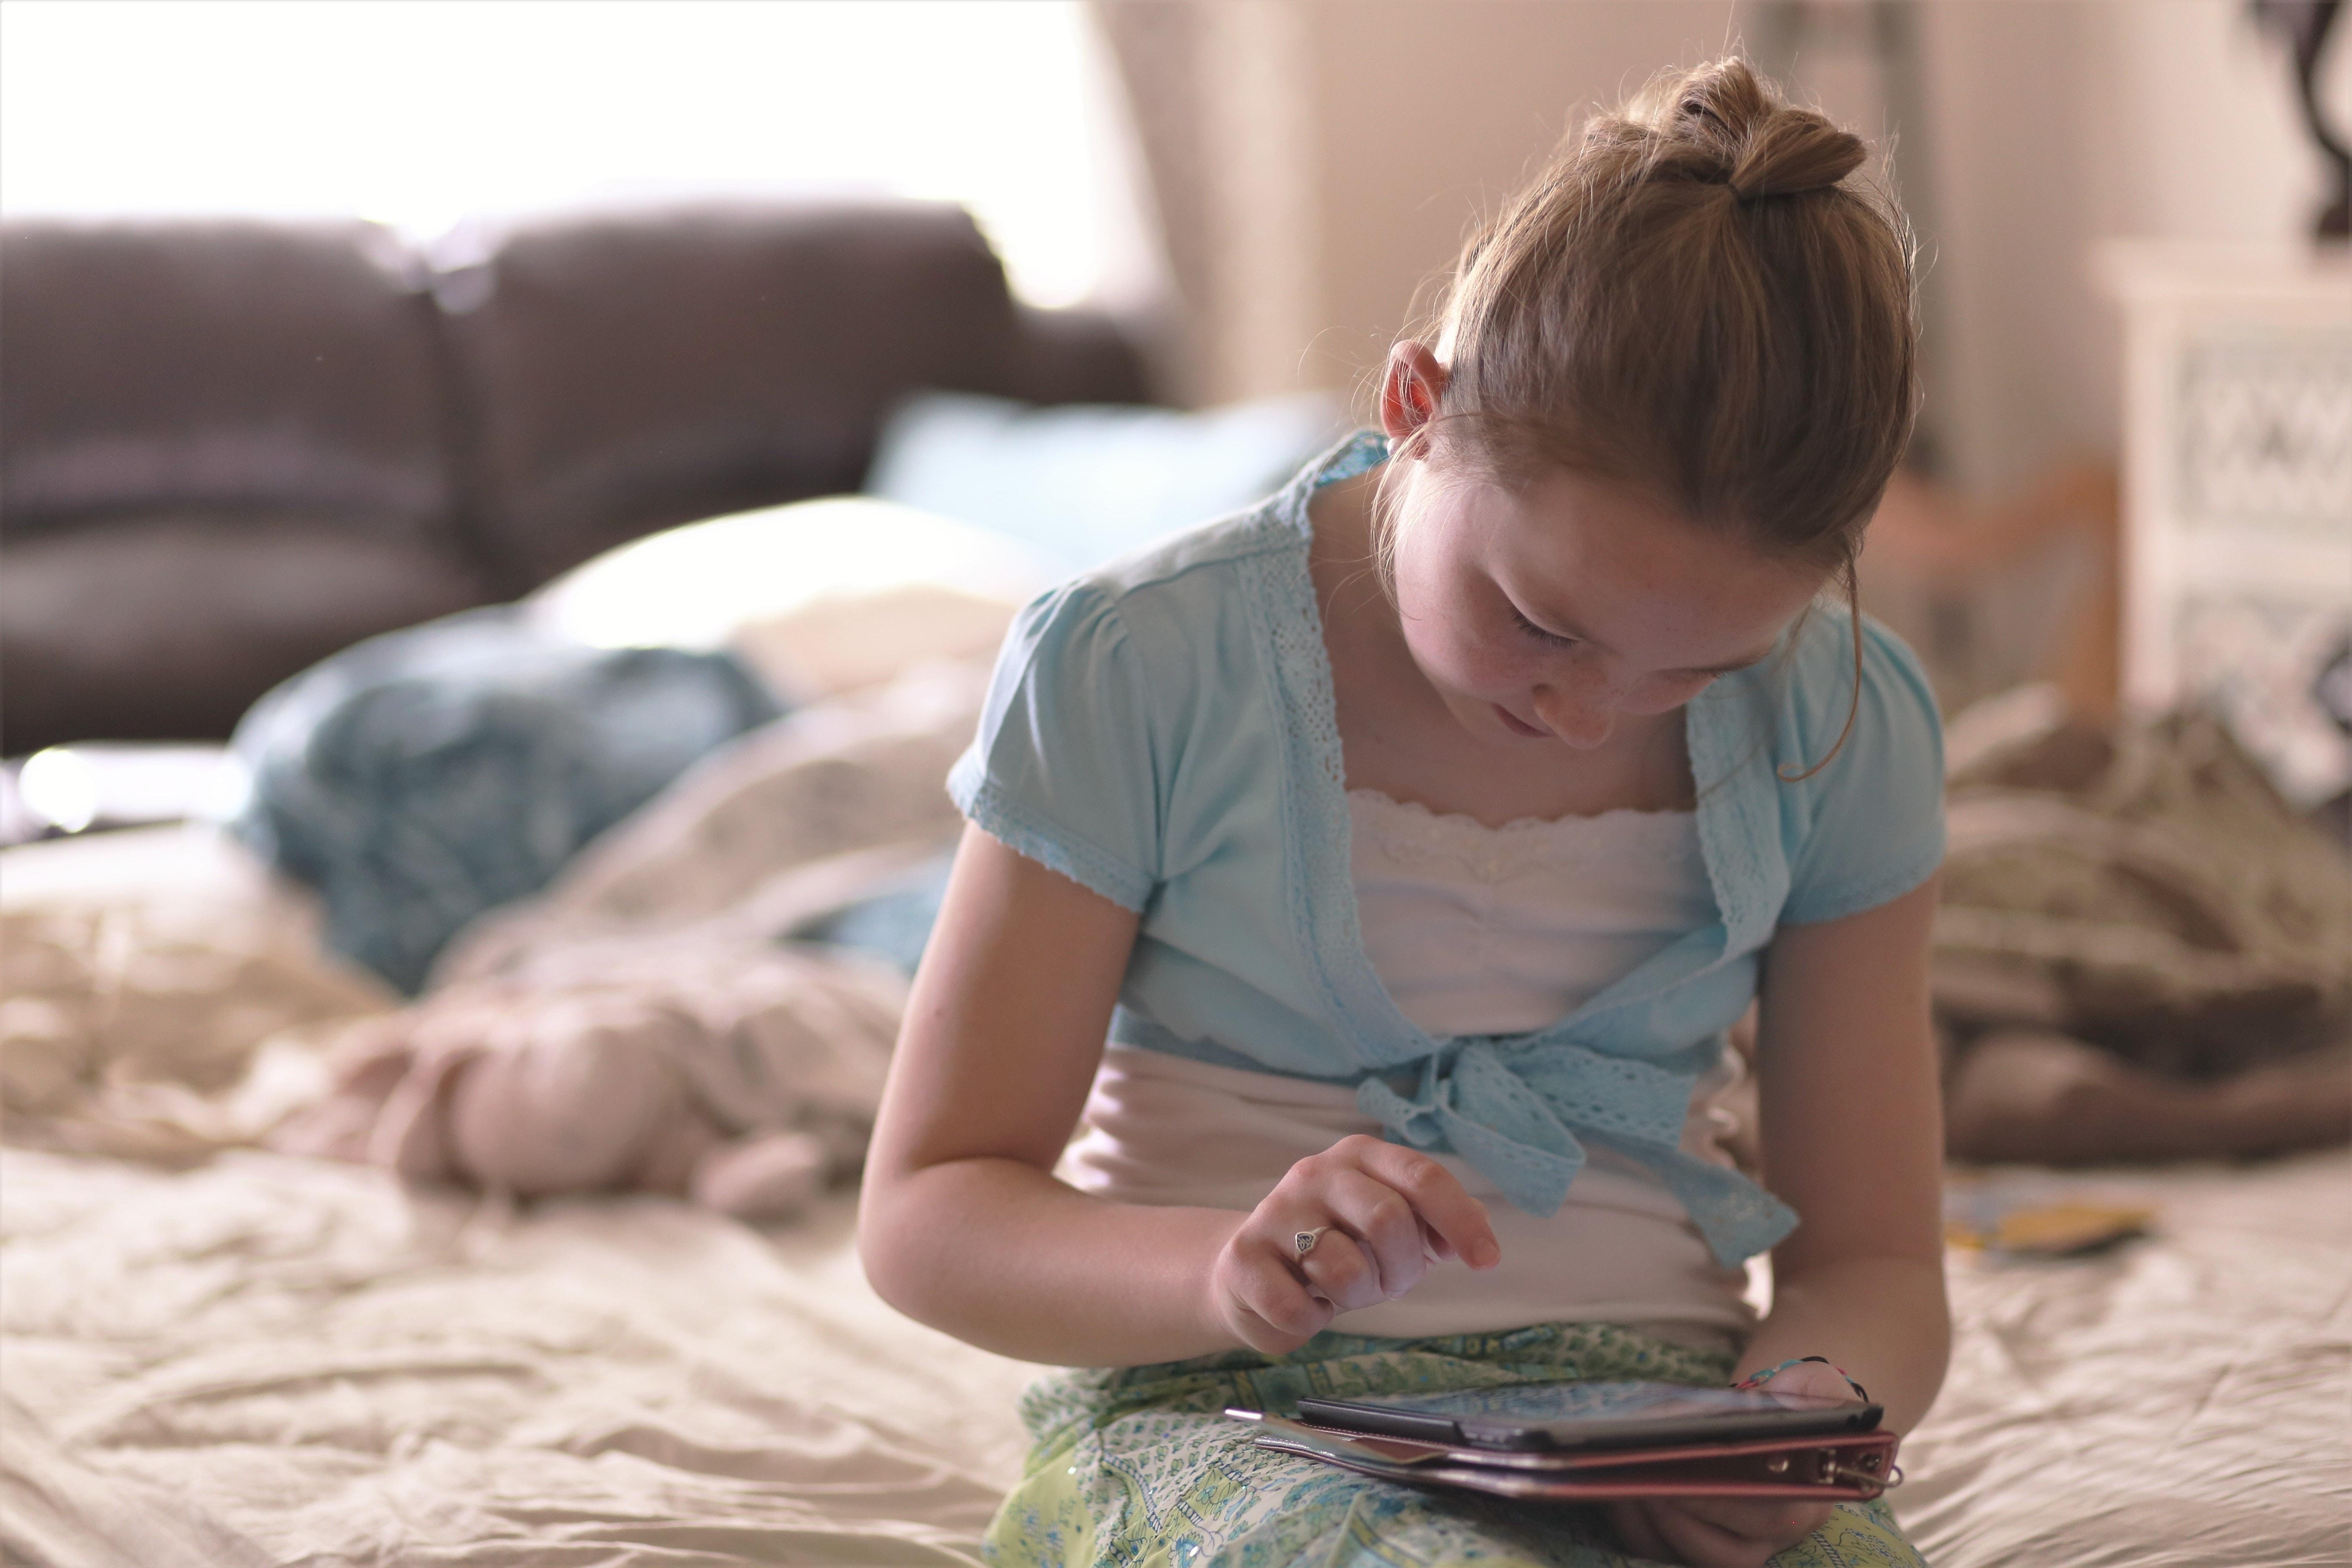 iPadやスマホがないと退屈する子どもたち